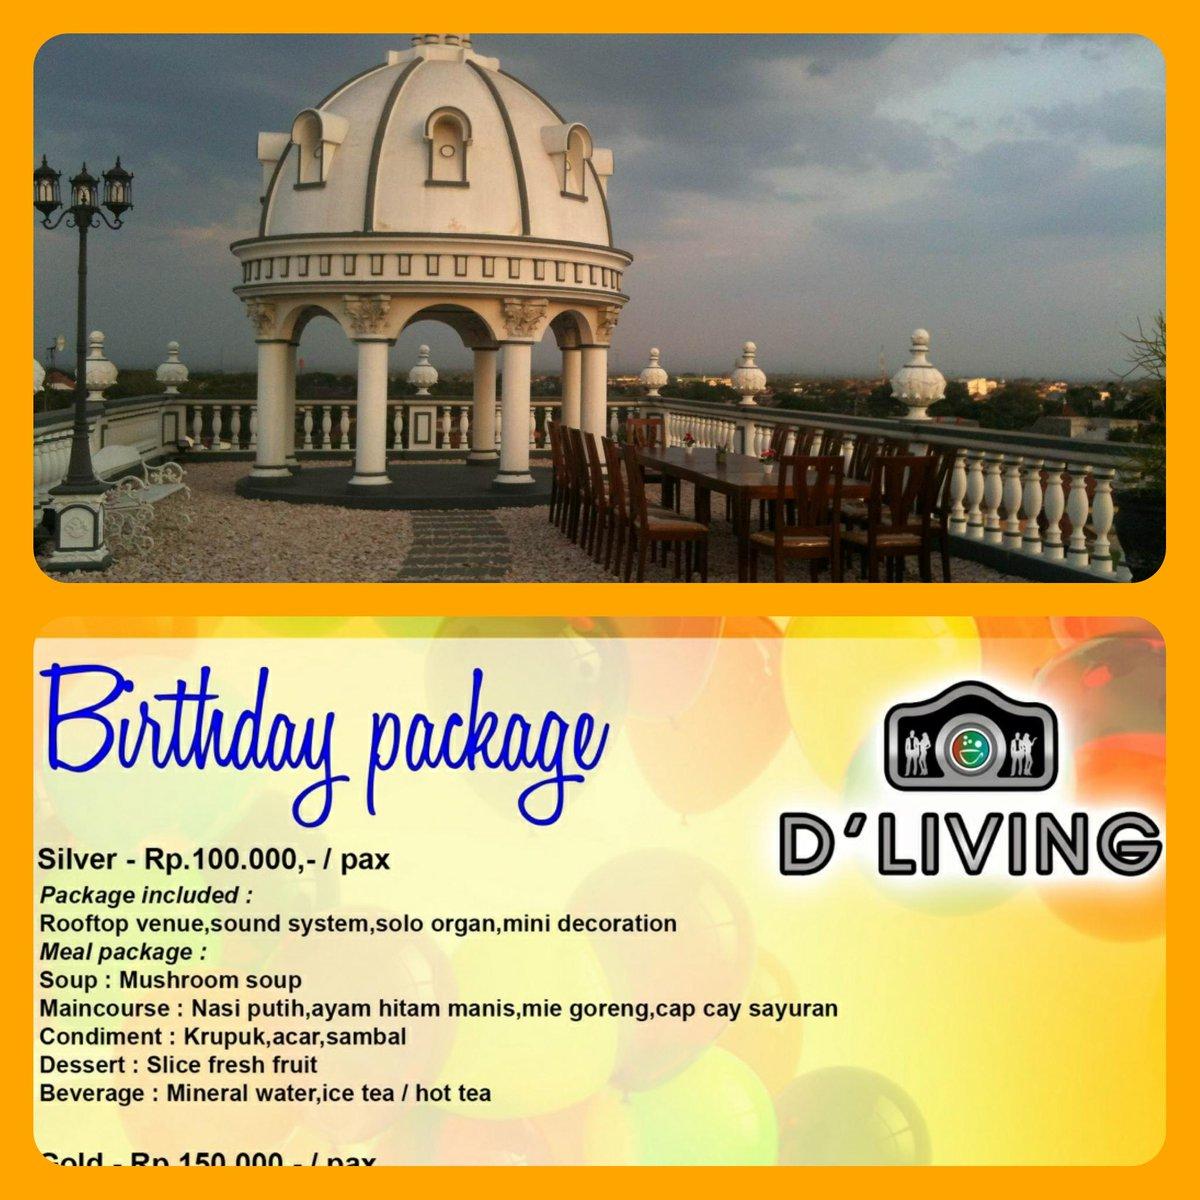 D Living dlivingresto on paket ultah venue roof top keren jelas d